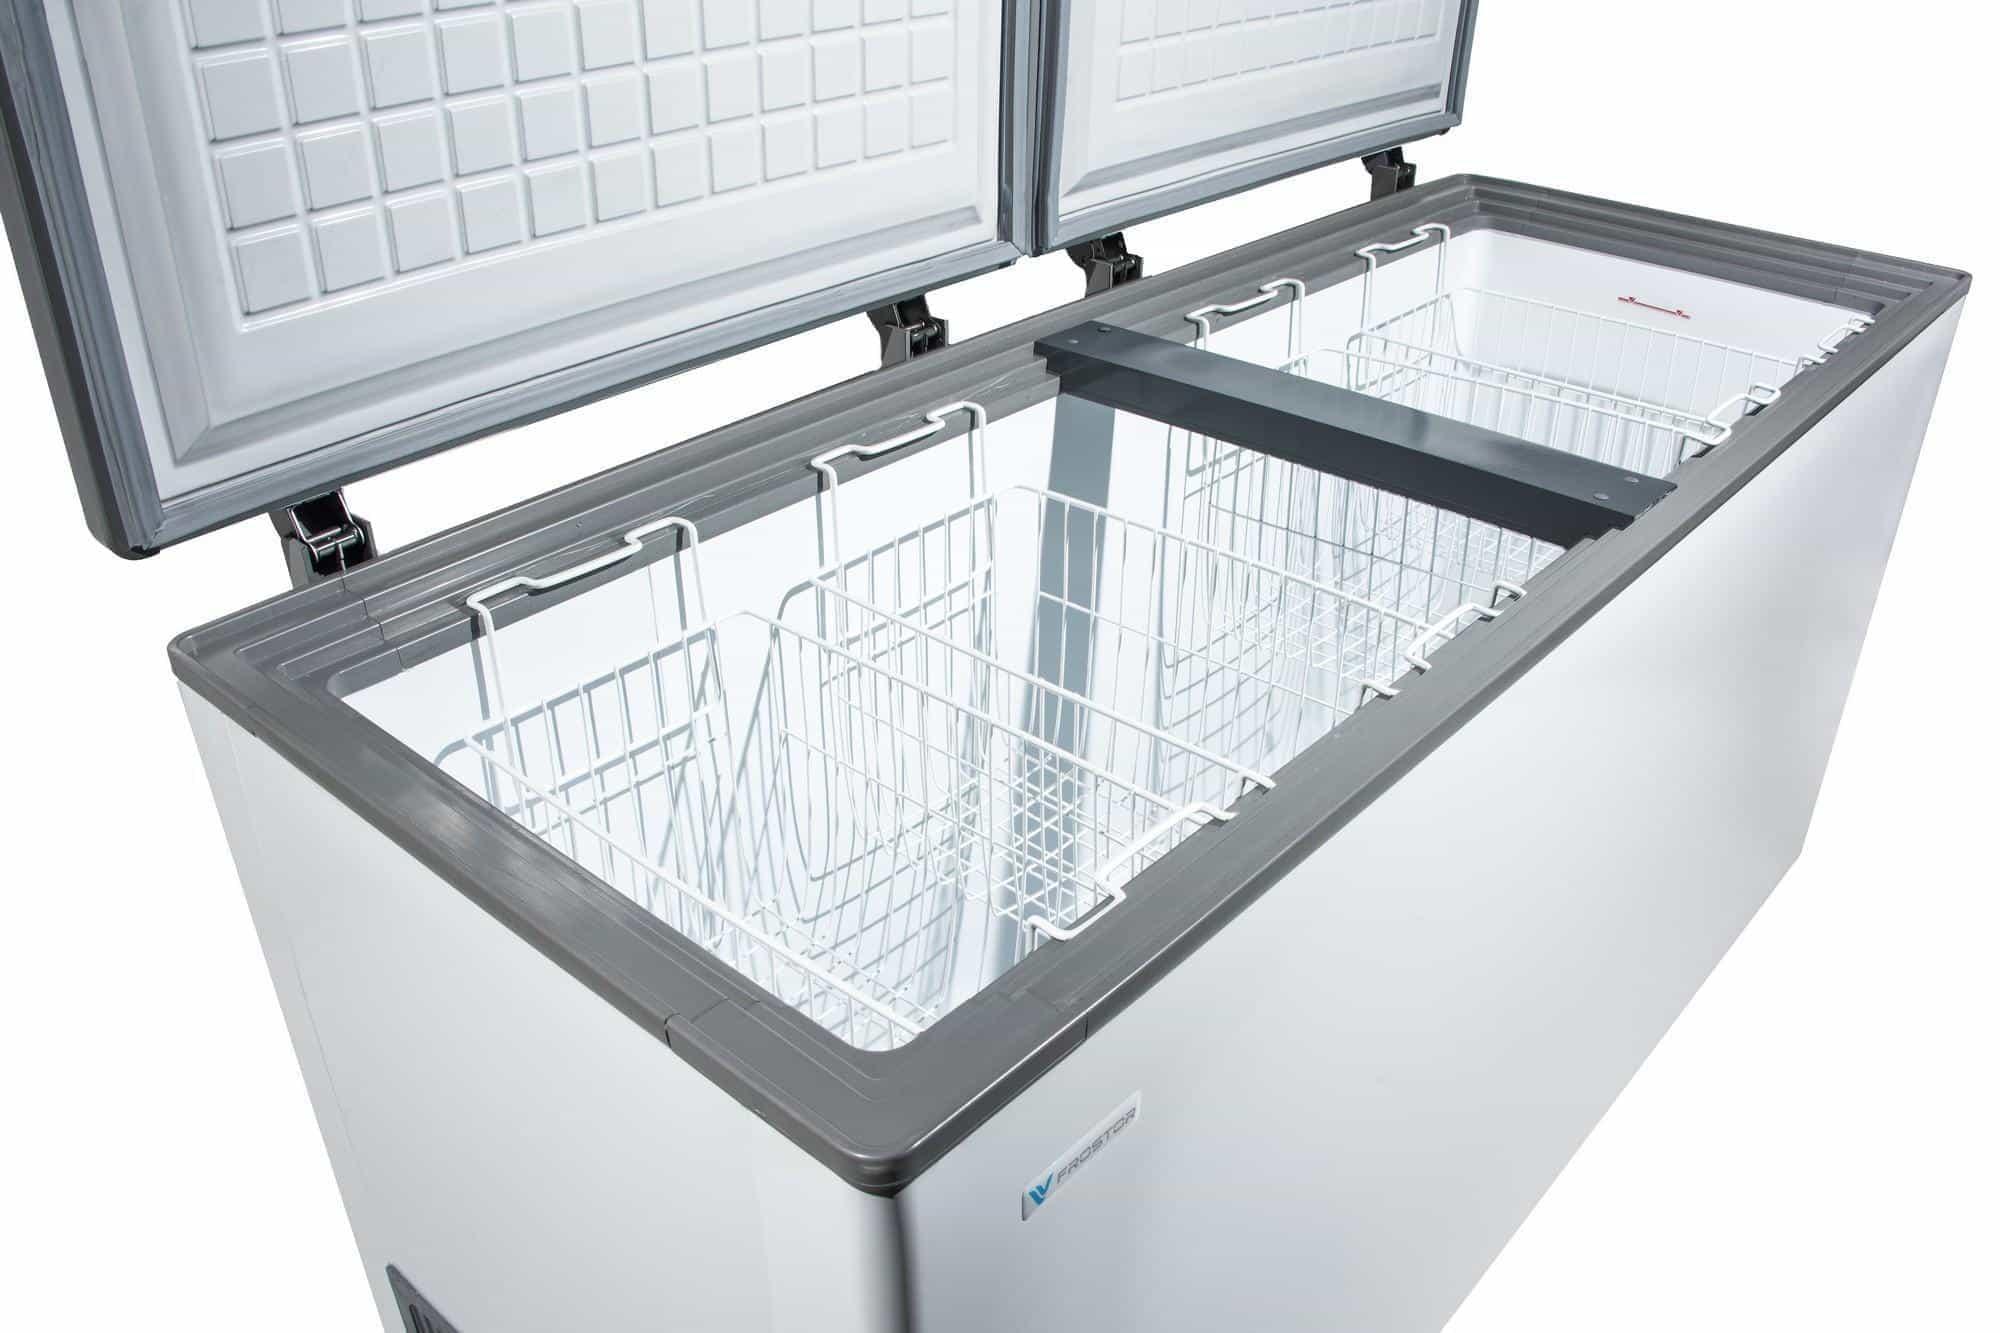 Оцінка обладнання для найбільшої виробничо-торговельної компанії з виробництва заморожених продуктів